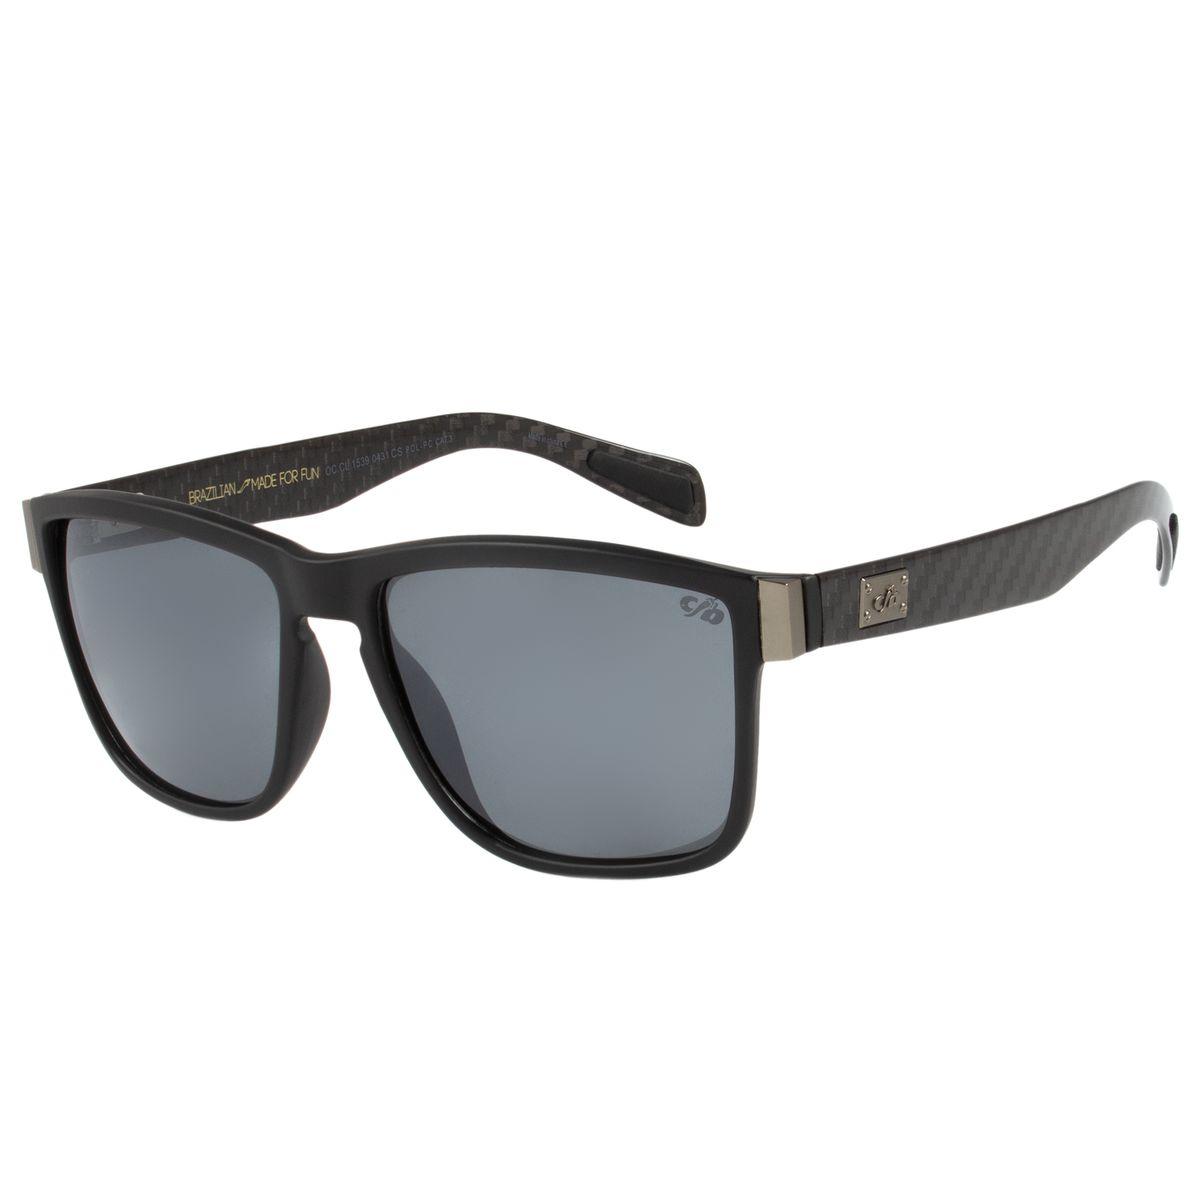 1baa4d196 Óculos de Sol Masculino Chilli Beans Polarizado Retangular Preto ...